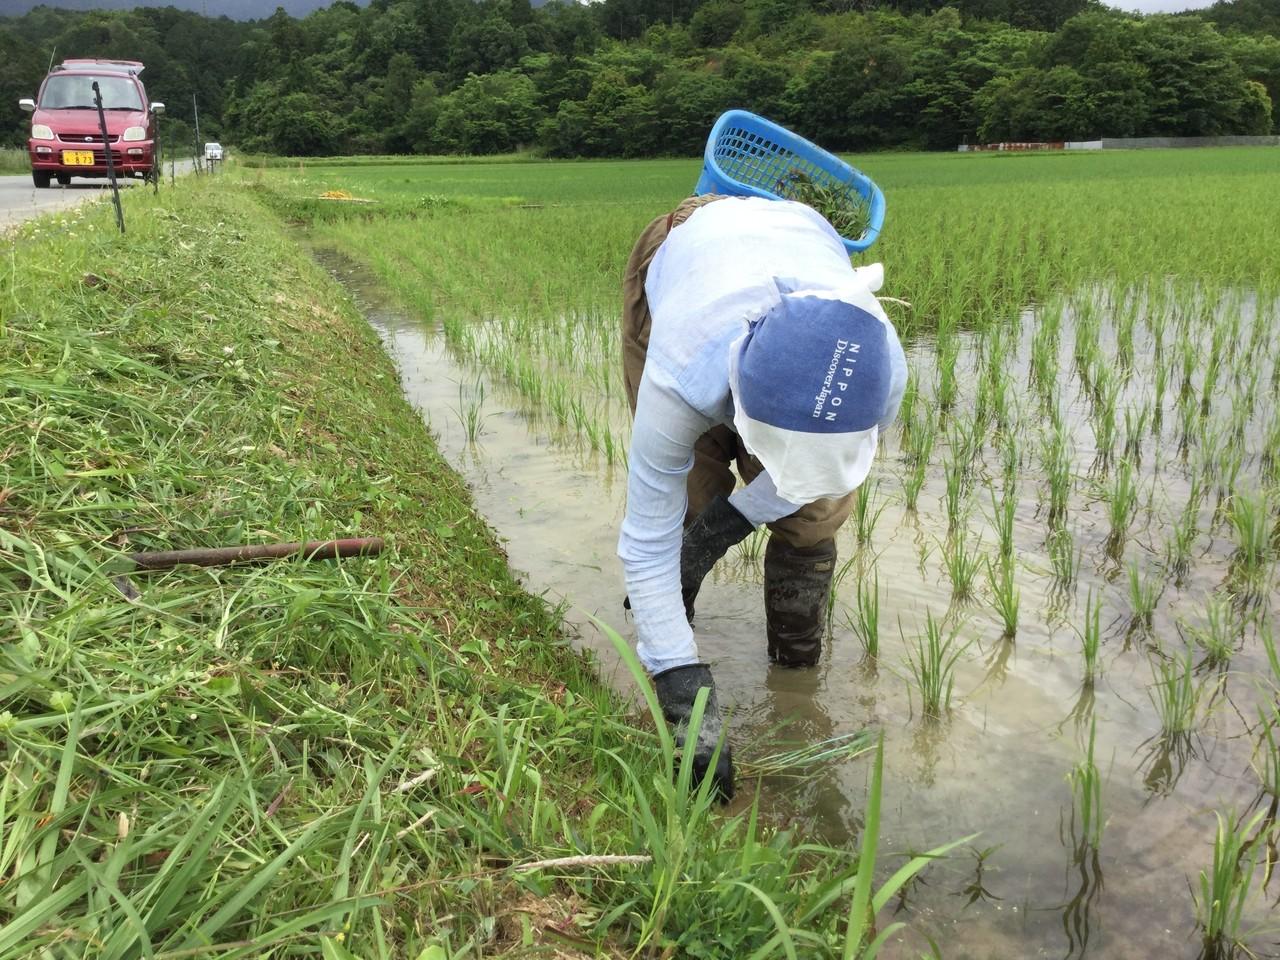 これは米子がう植わってる田んぼではありませんが、このように畦から伸びてくる草を刈る必要があります。そのままにしておくと、畔から田んぼの中に入り込み、さらに田んぼの中で広がります。畔際の植物と言うのは、水陸両用のものが多いため簡単に畔でも繁殖できます。